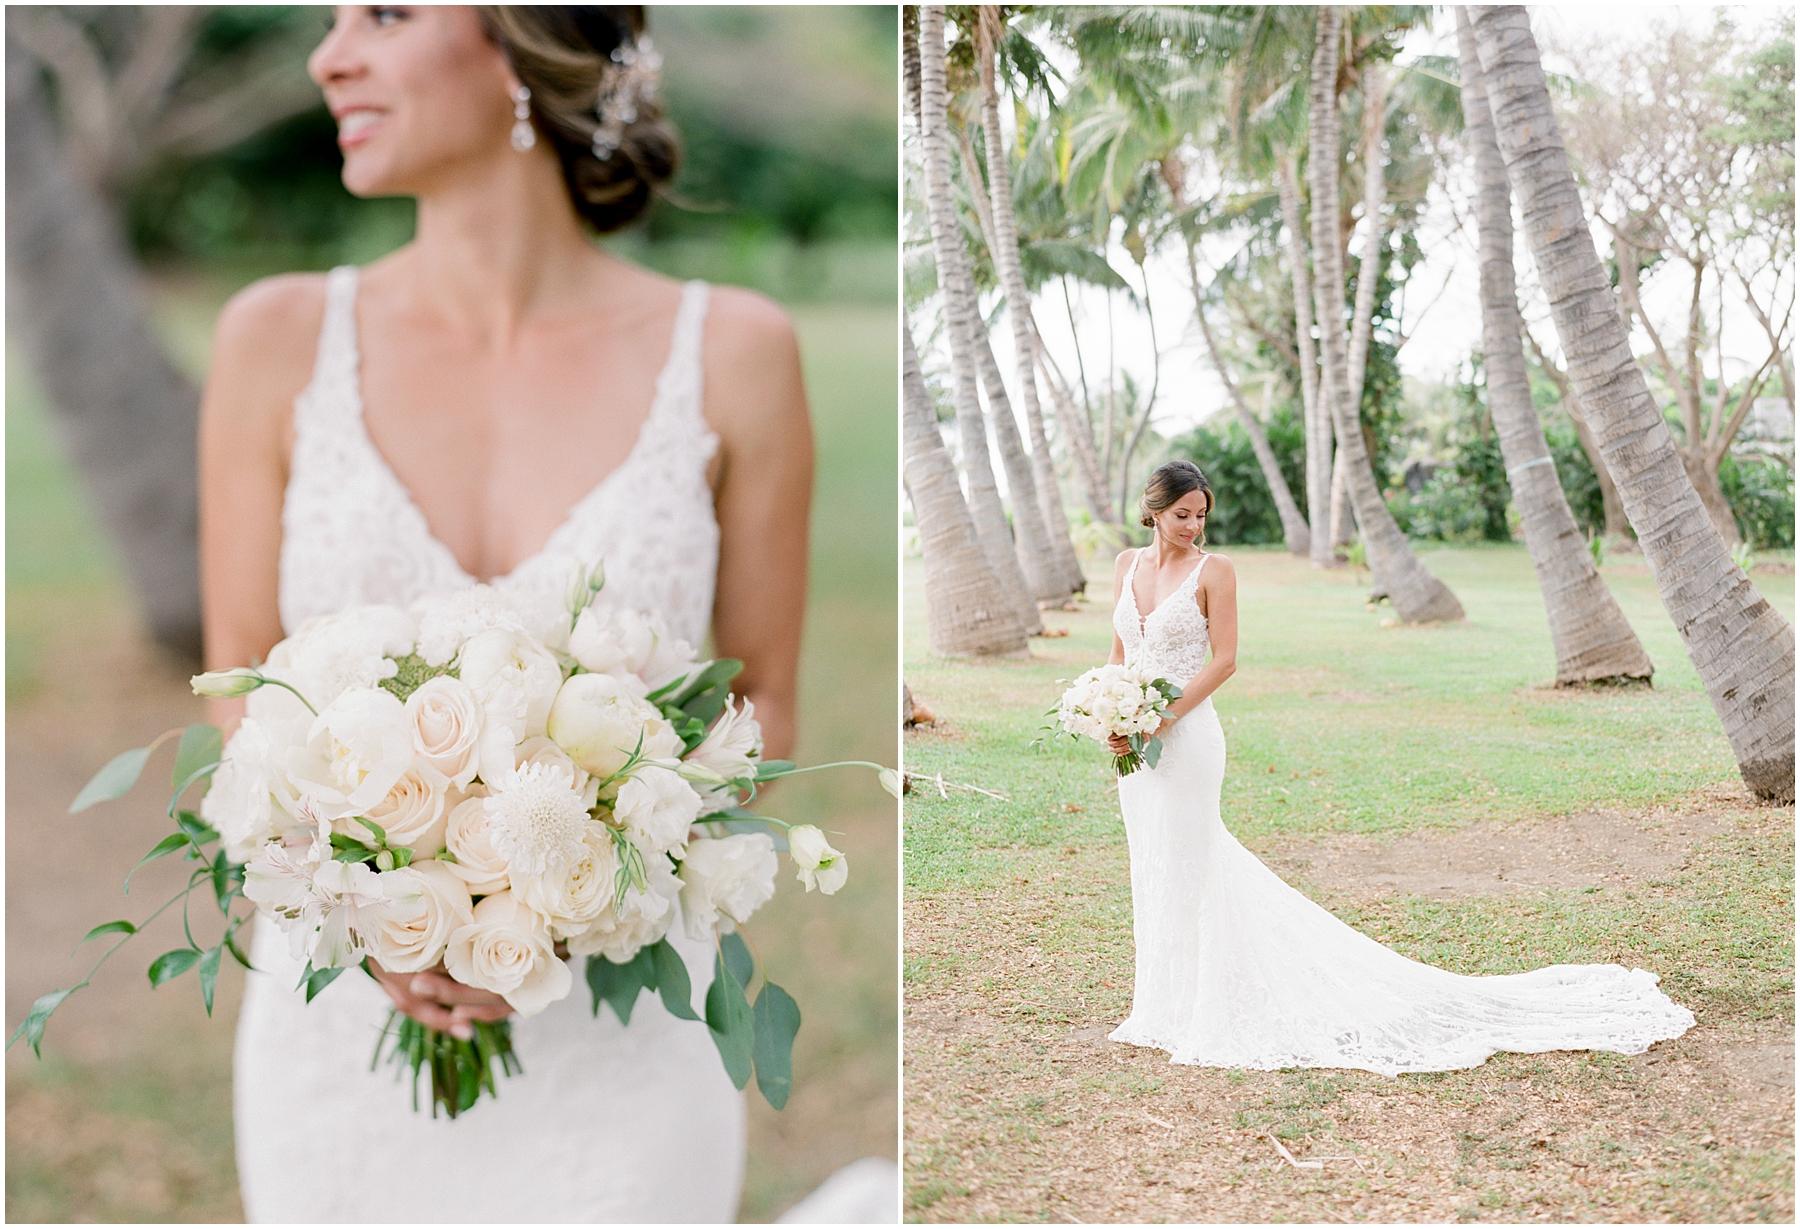 Olowalu-plantation-house-maui-hawaii-wedding-39.jpg